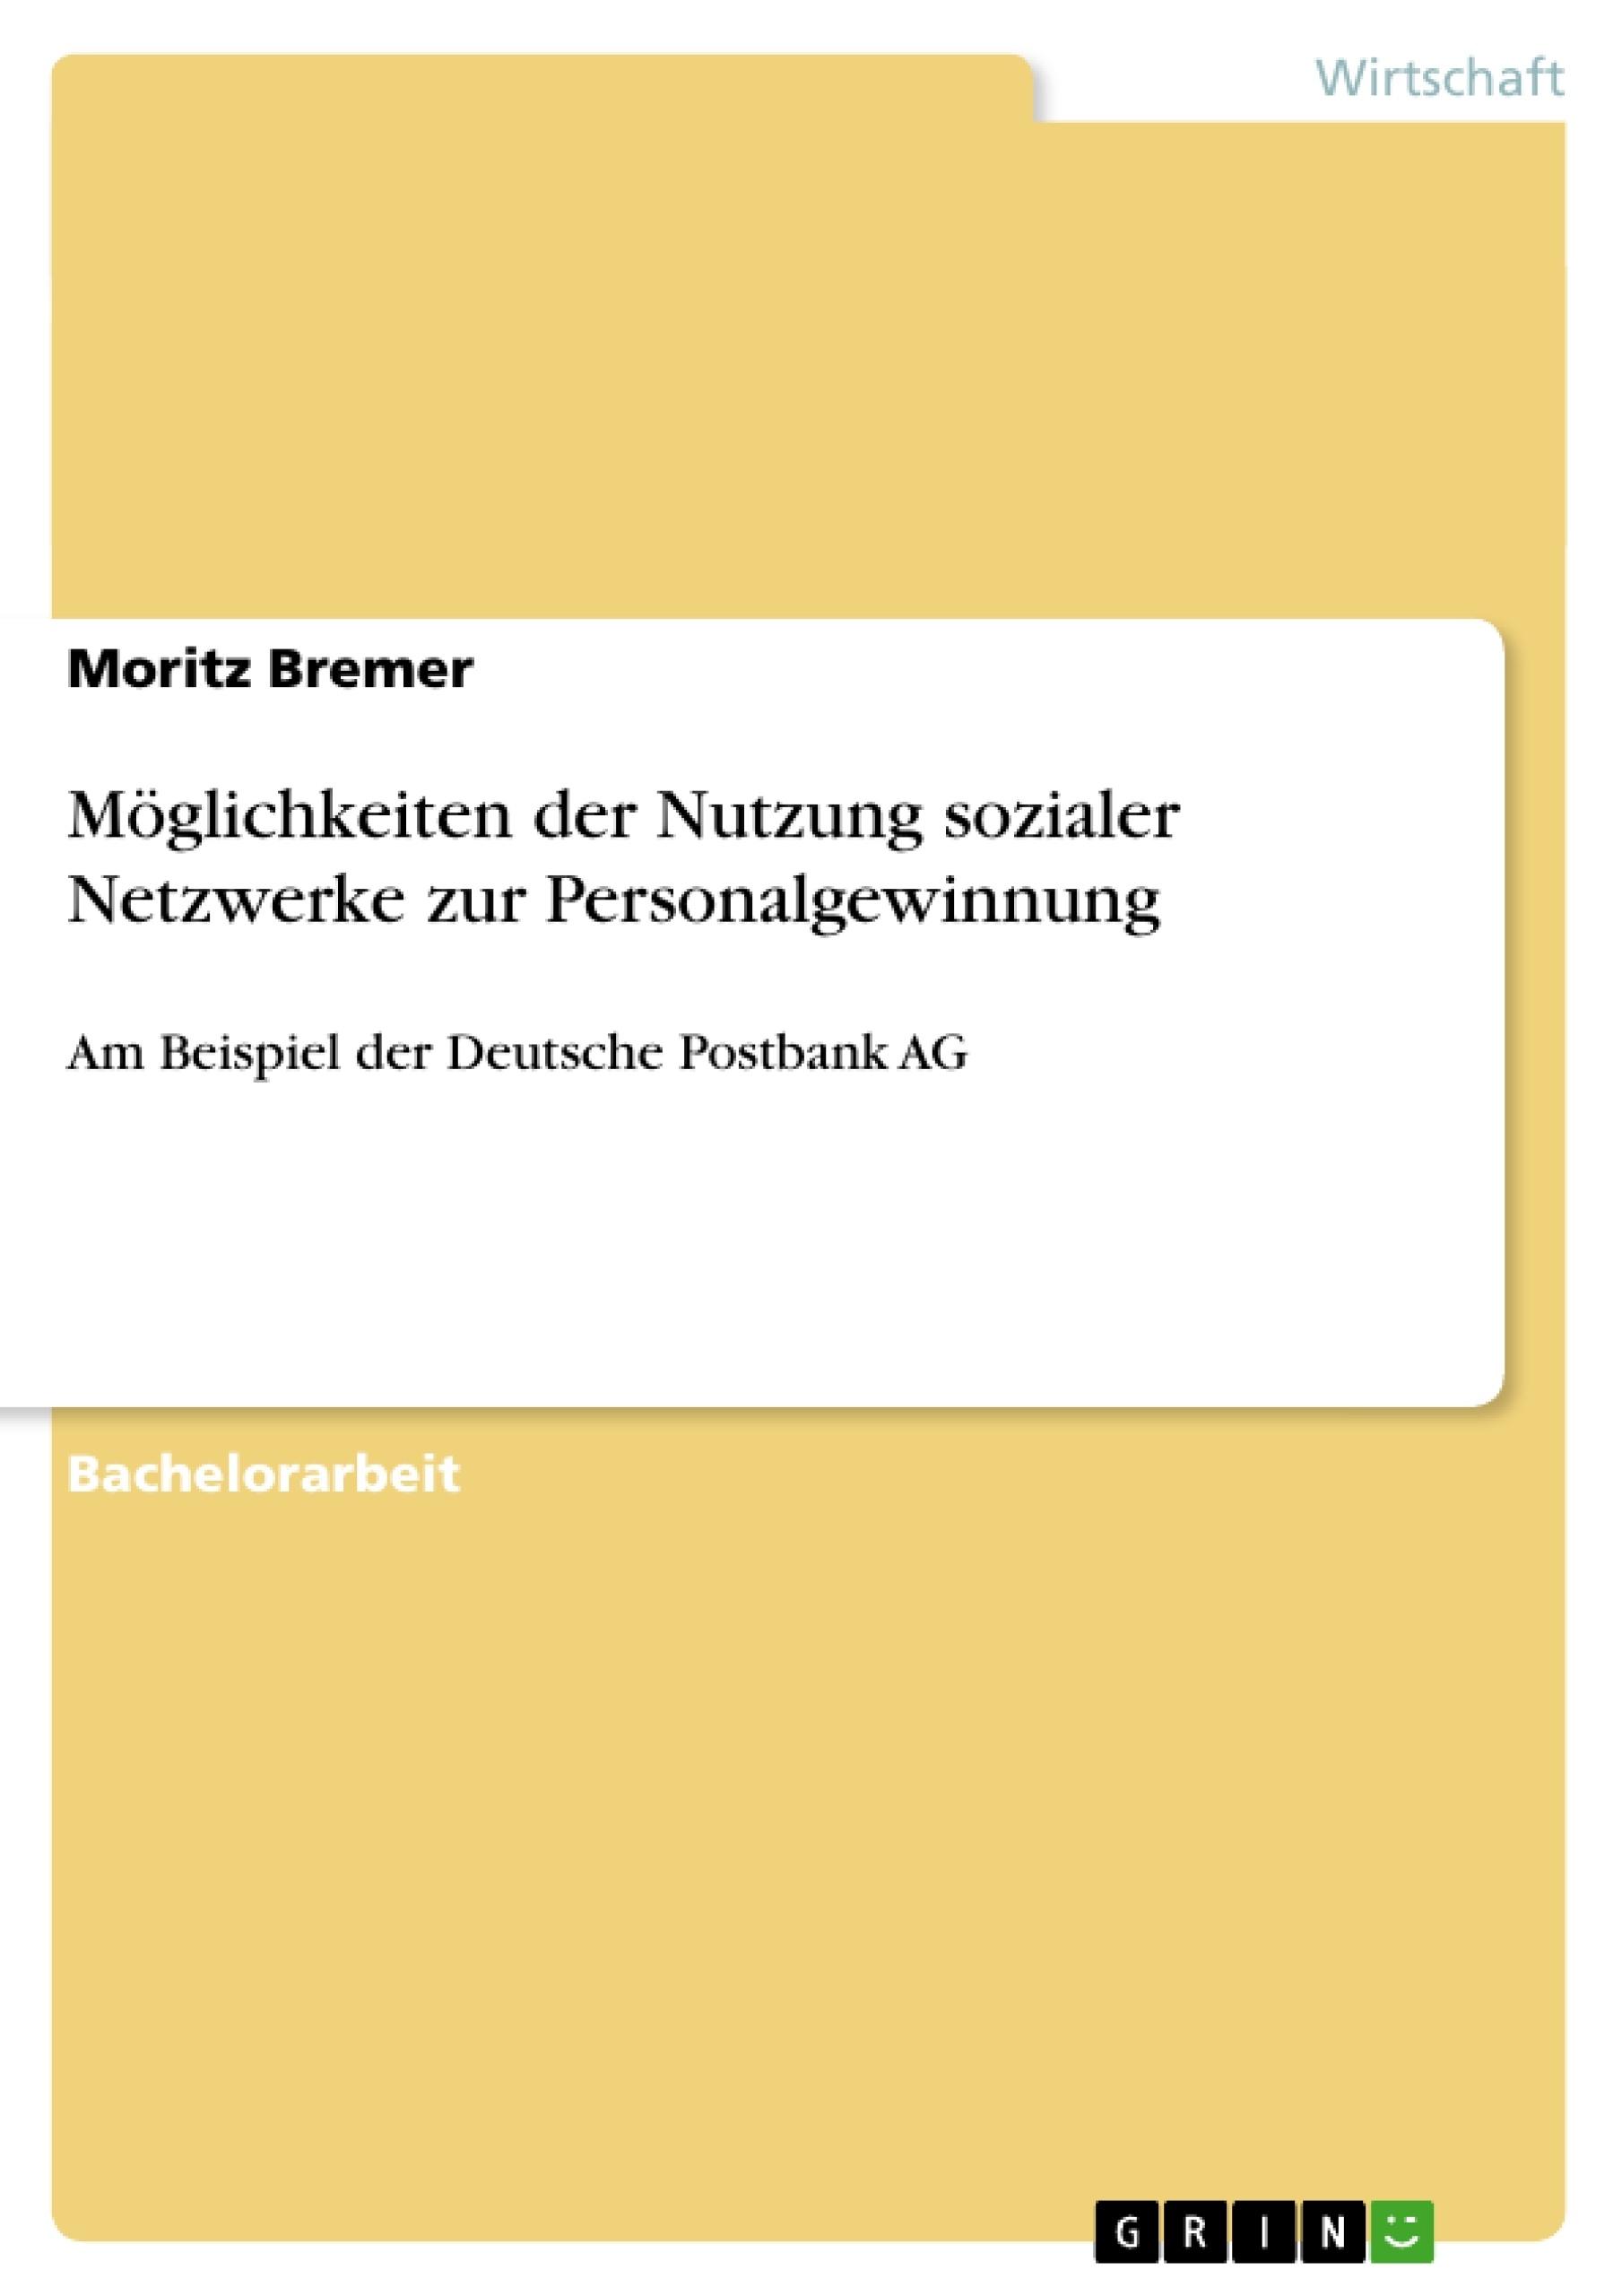 Titel: Möglichkeiten der Nutzung sozialer Netzwerke zur Personalgewinnung